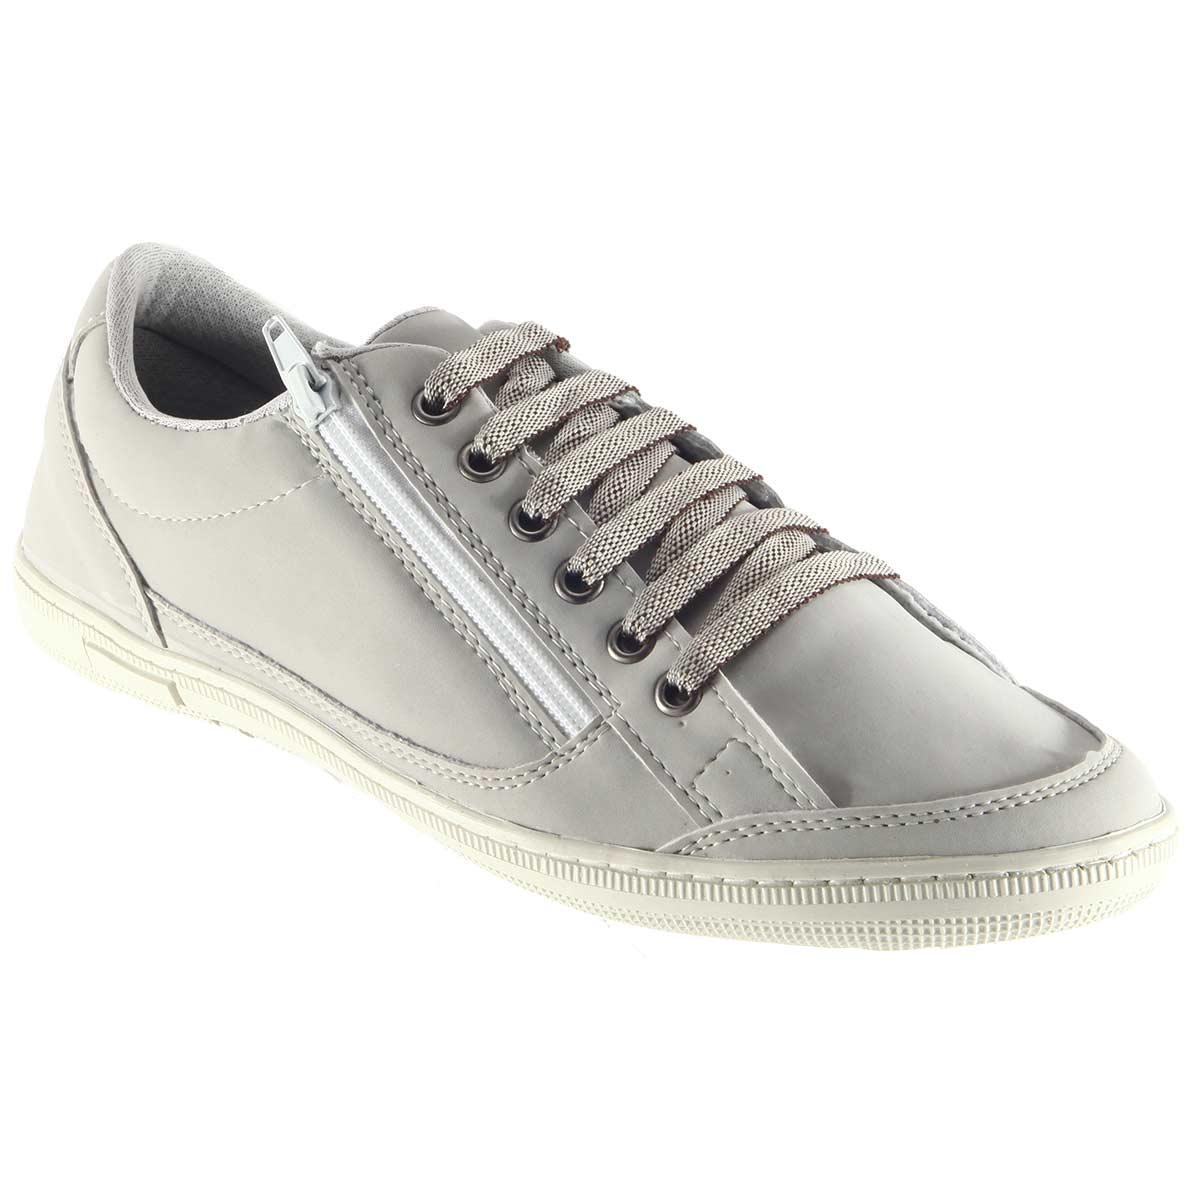 Sapatênis Doc Shoes Casual Ziper Confortável Lindo 7124  - Ian Calçados